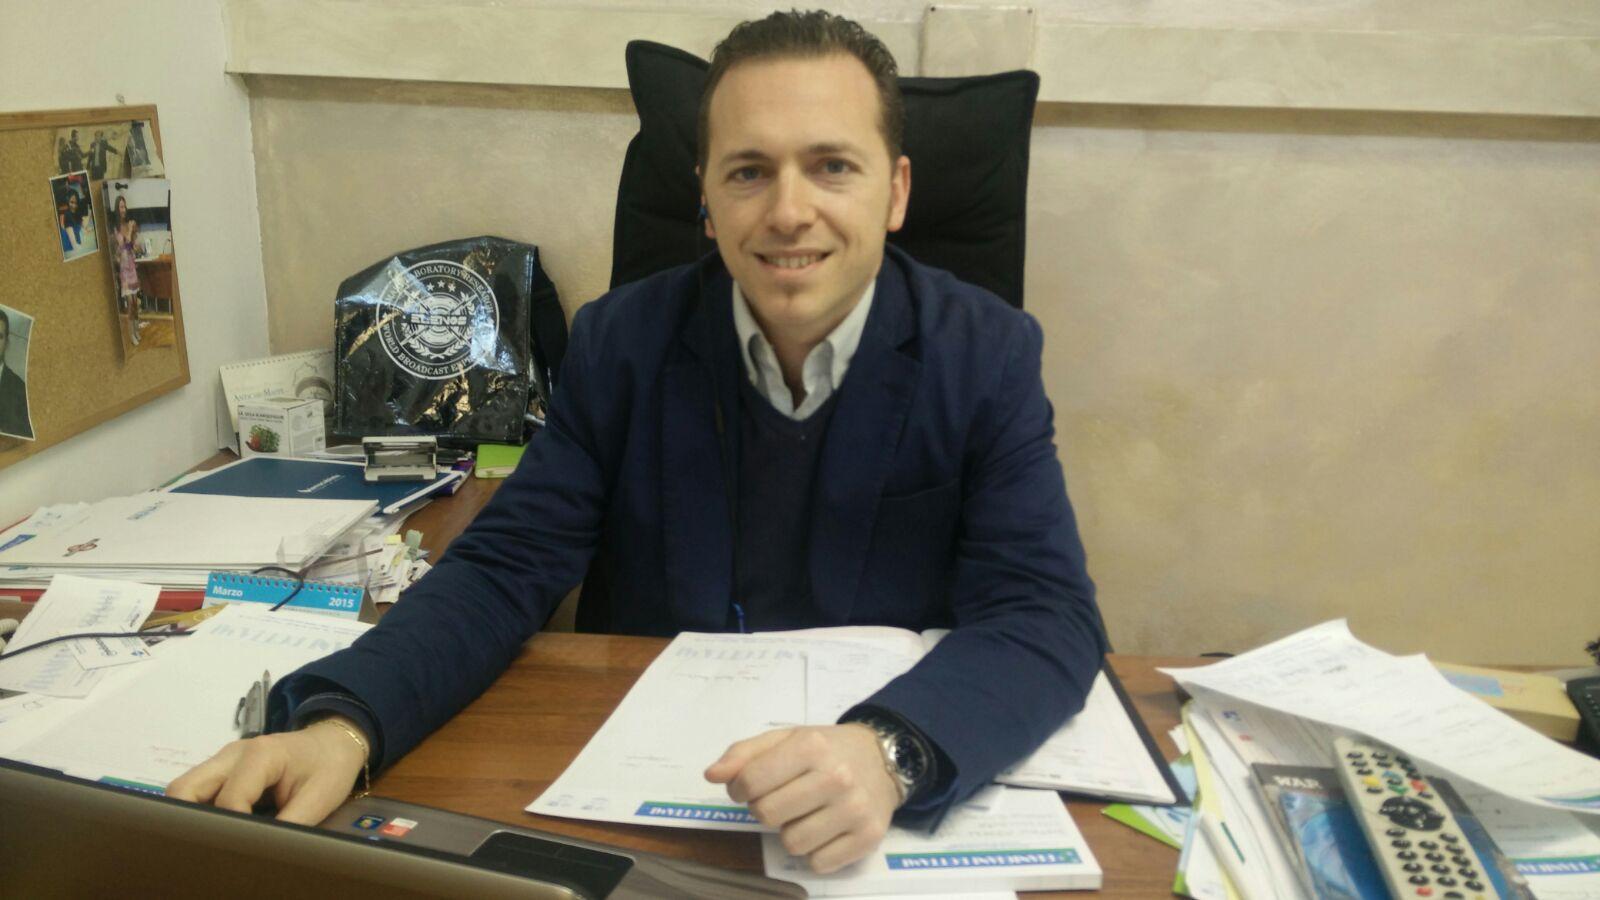 Matteo Borsi nuovo direttore responsabile di Radio Siena Tv